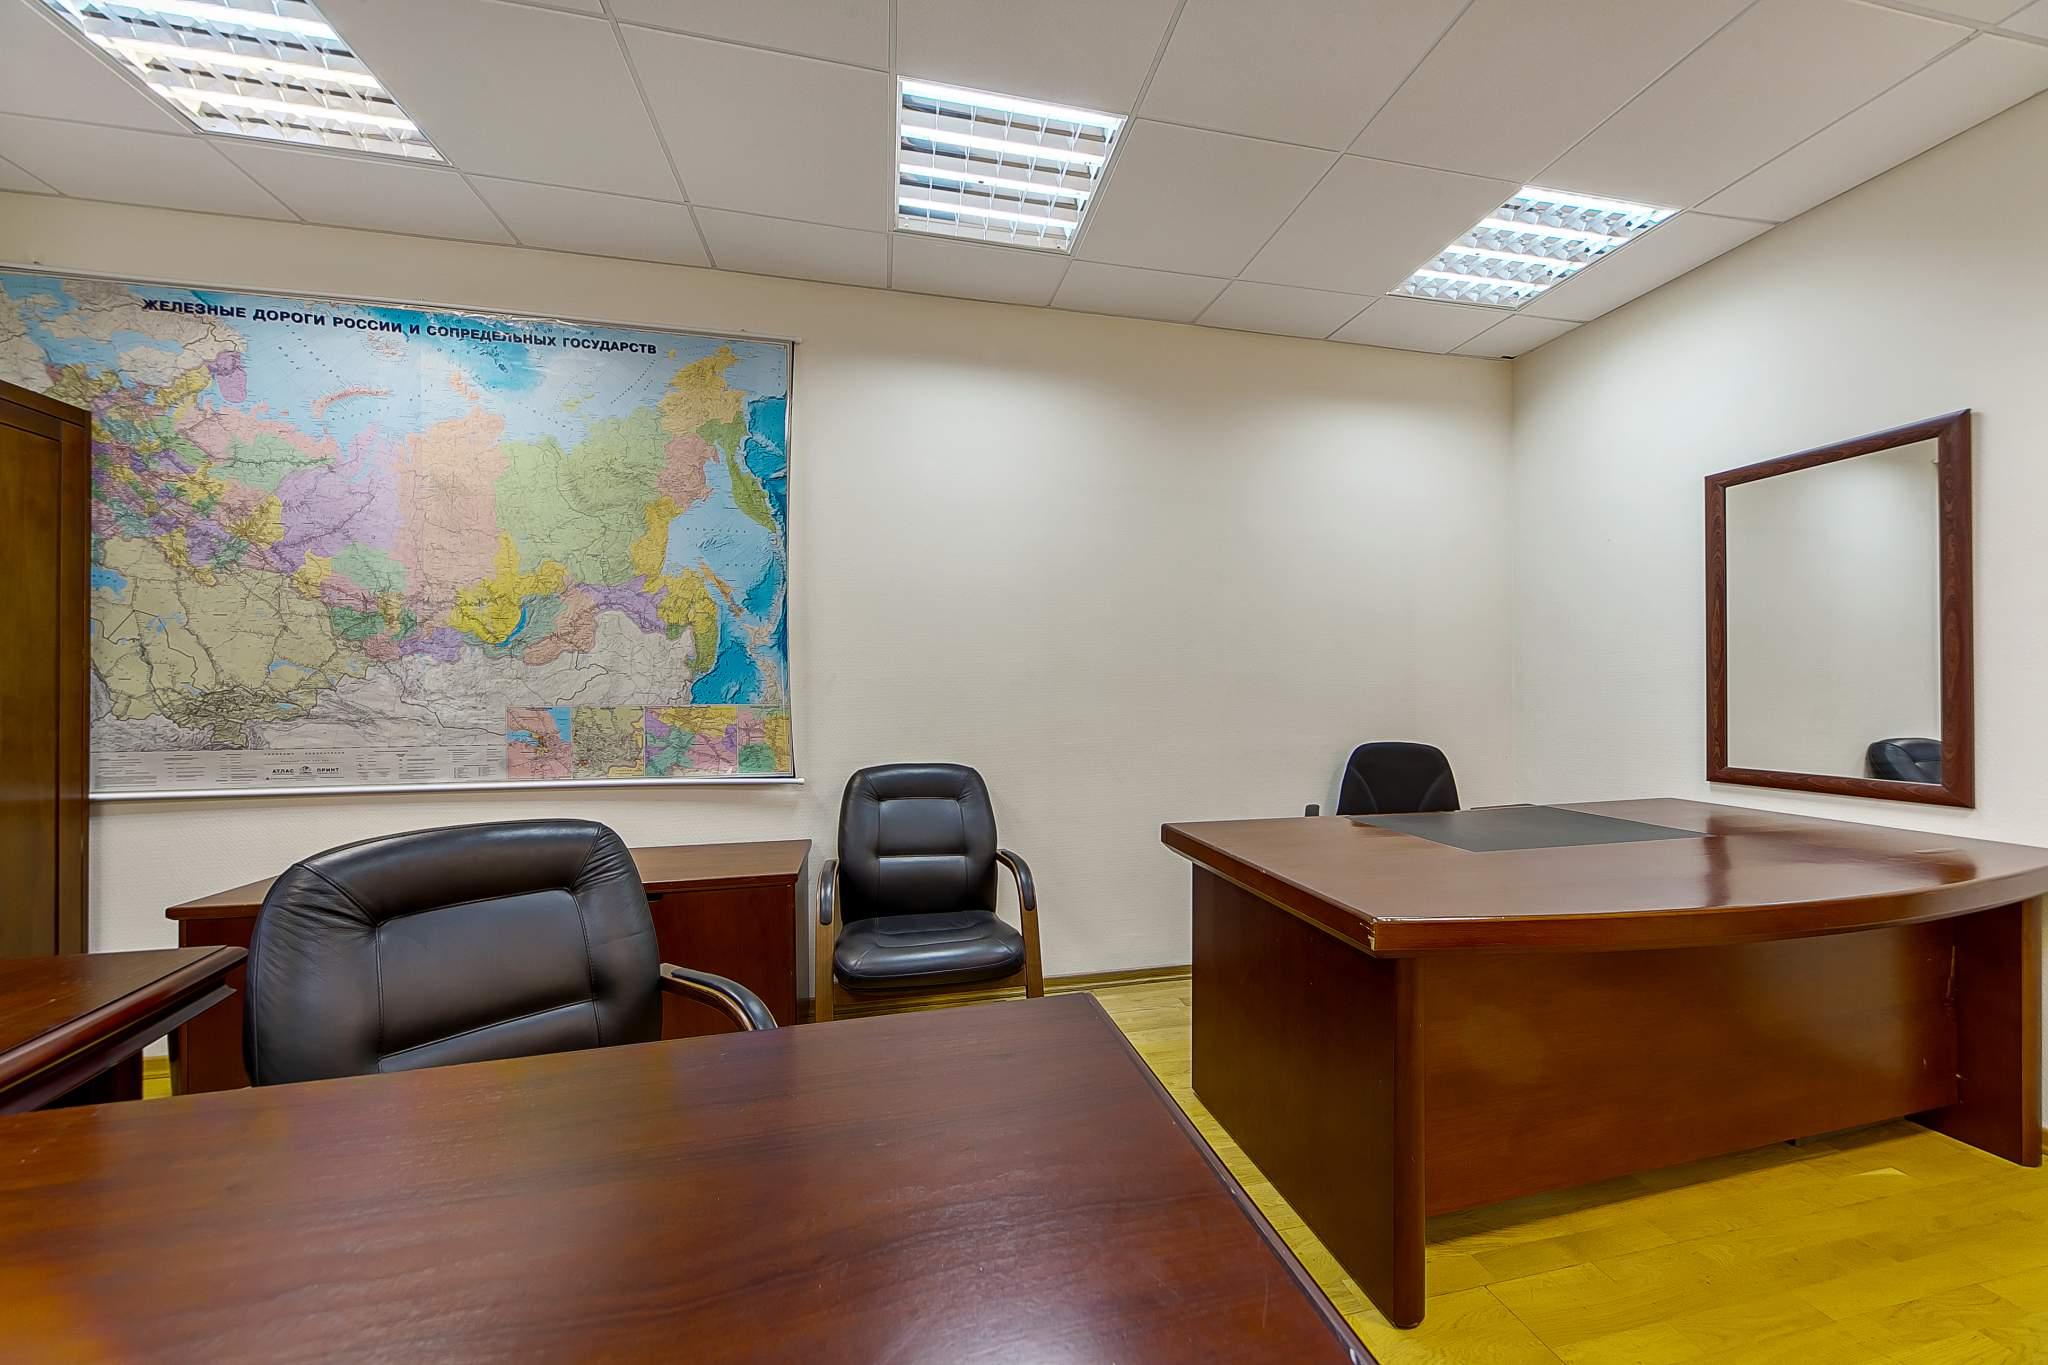 Выгодная аренда офиса коммерческая недвижимость на рублево-успенском шоссе